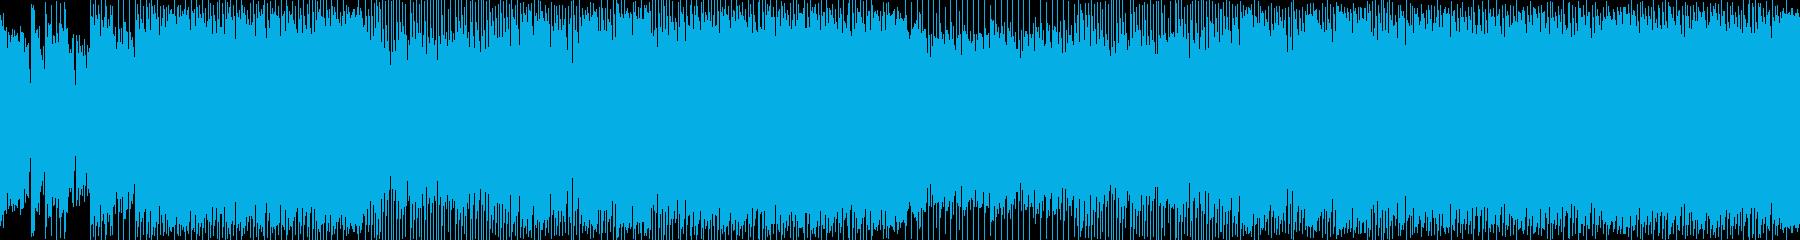 三味線でおしゃれファンクハウス ループの再生済みの波形